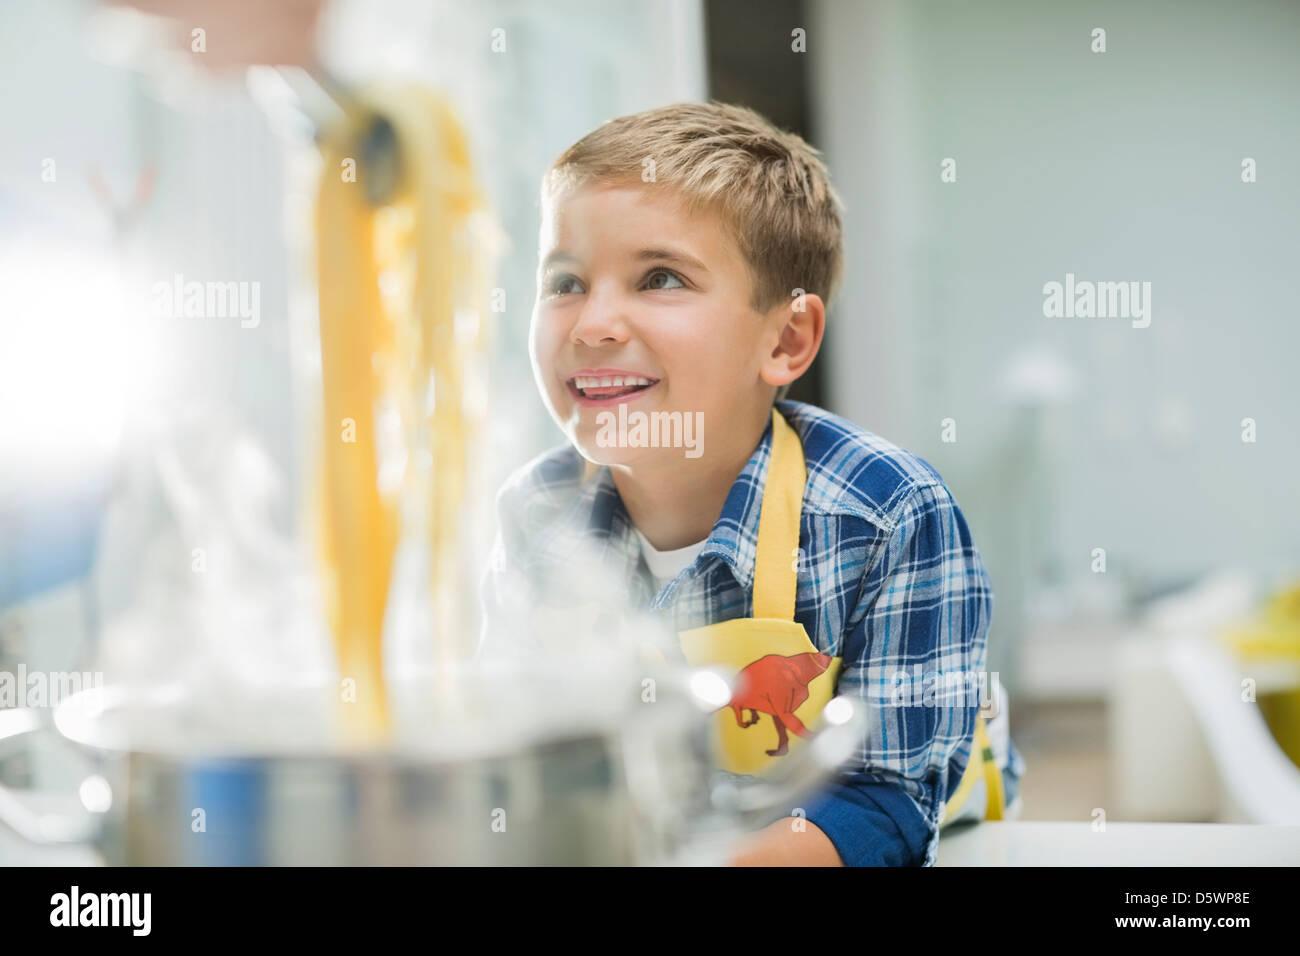 Junge lächelnd in Küche Stockbild